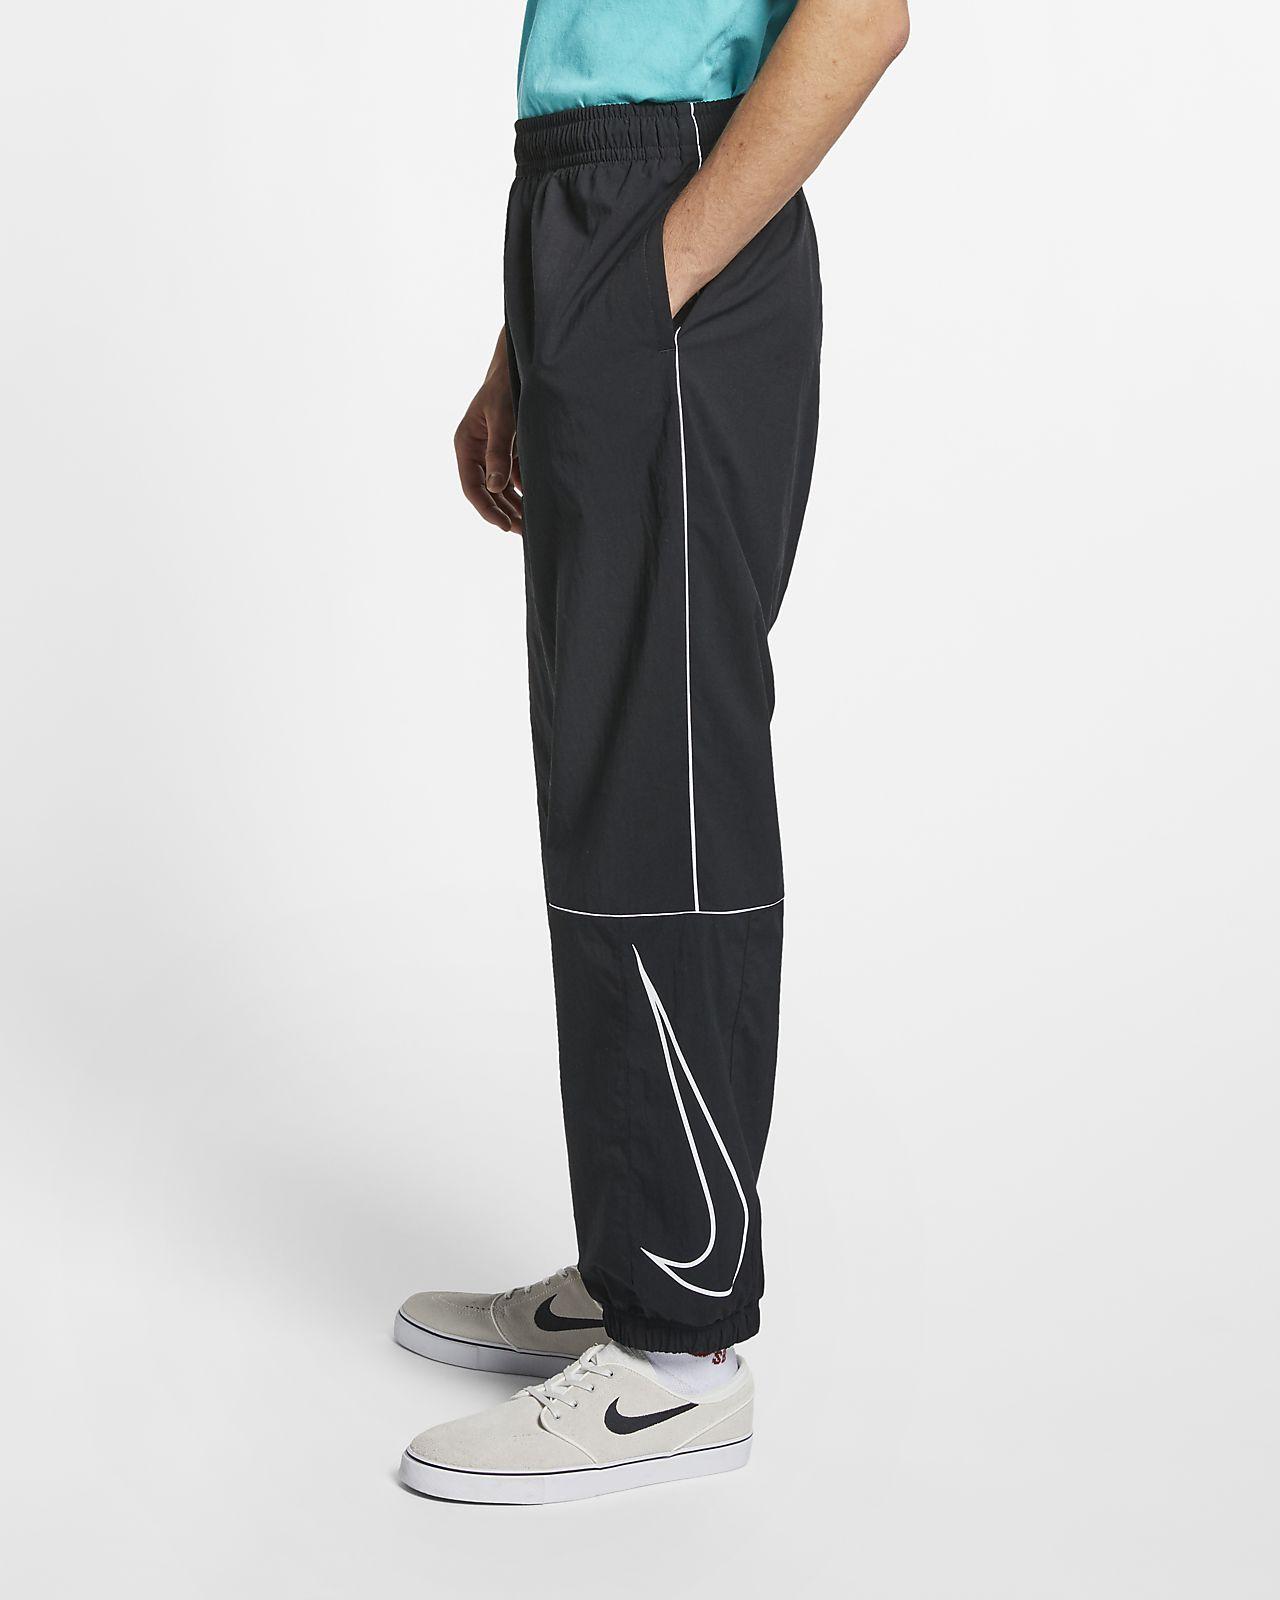 86d8916c9dfb Nike SB Swoosh Skate Track Pants. Nike.com